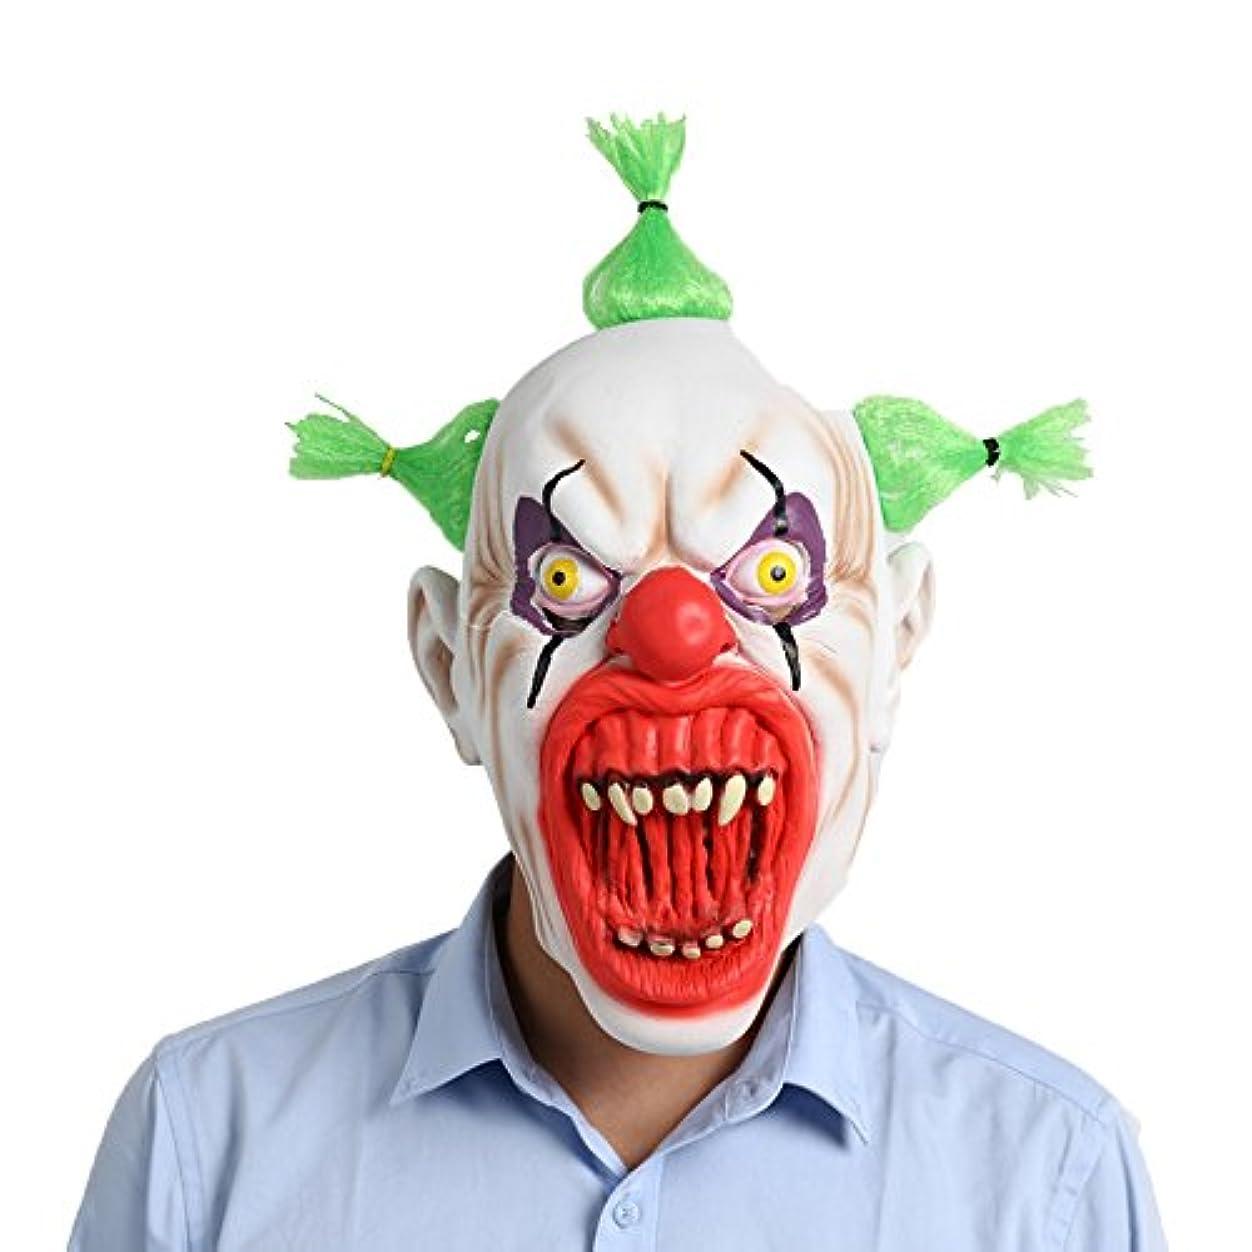 命題ミュート宝石ハロウィーンパーティー用品ラテックスマスクピエロマスクハロウィーン怖いフェイスマスク